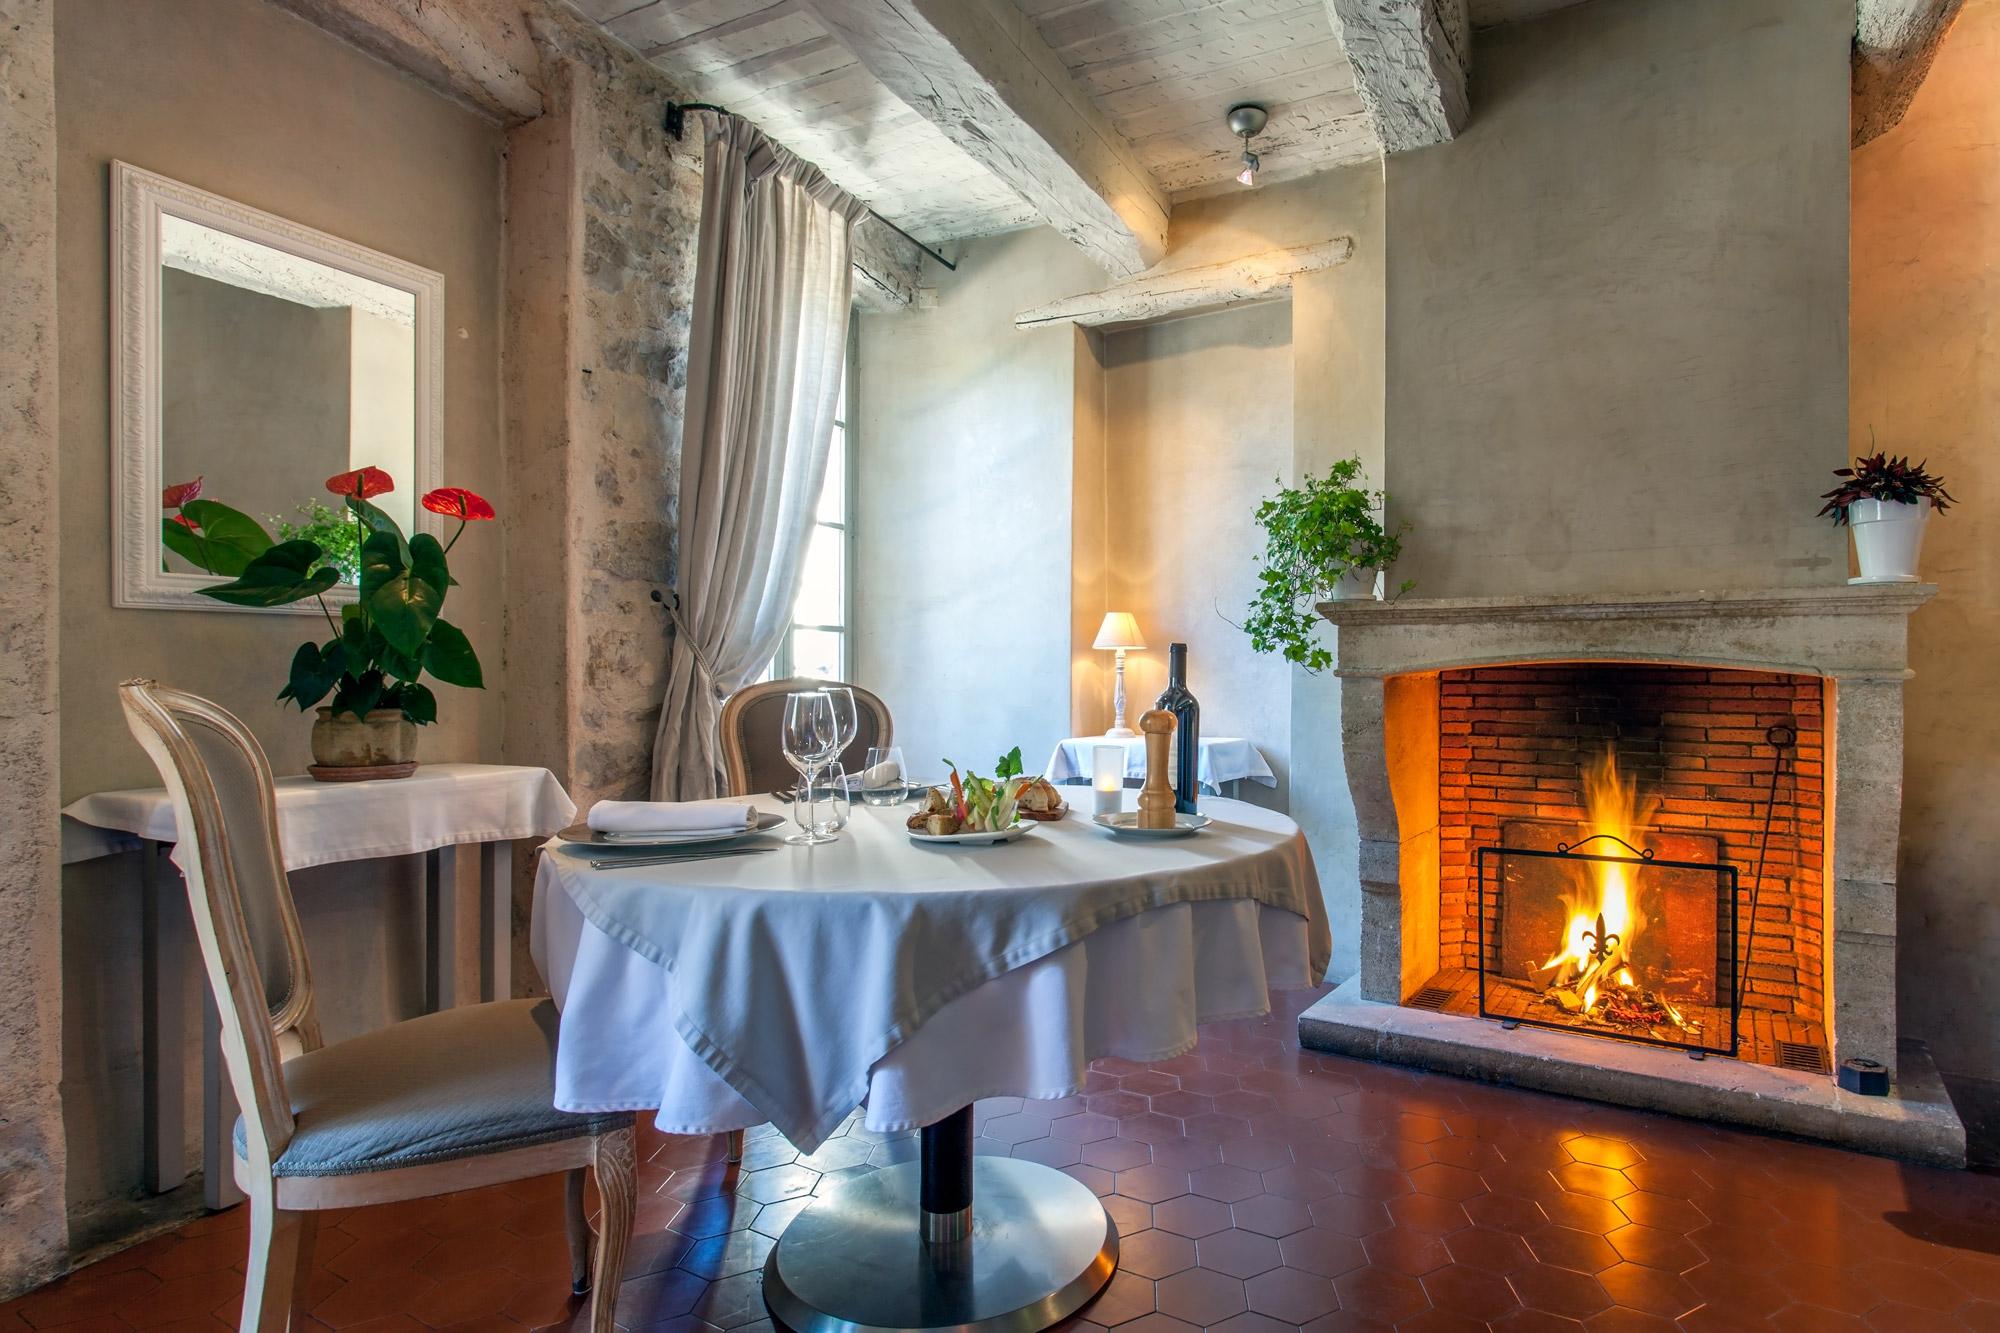 Table ronde dressée pour un couple d'amoureux dans une pièce avec poutres apparentes et feu de cheminée allumé